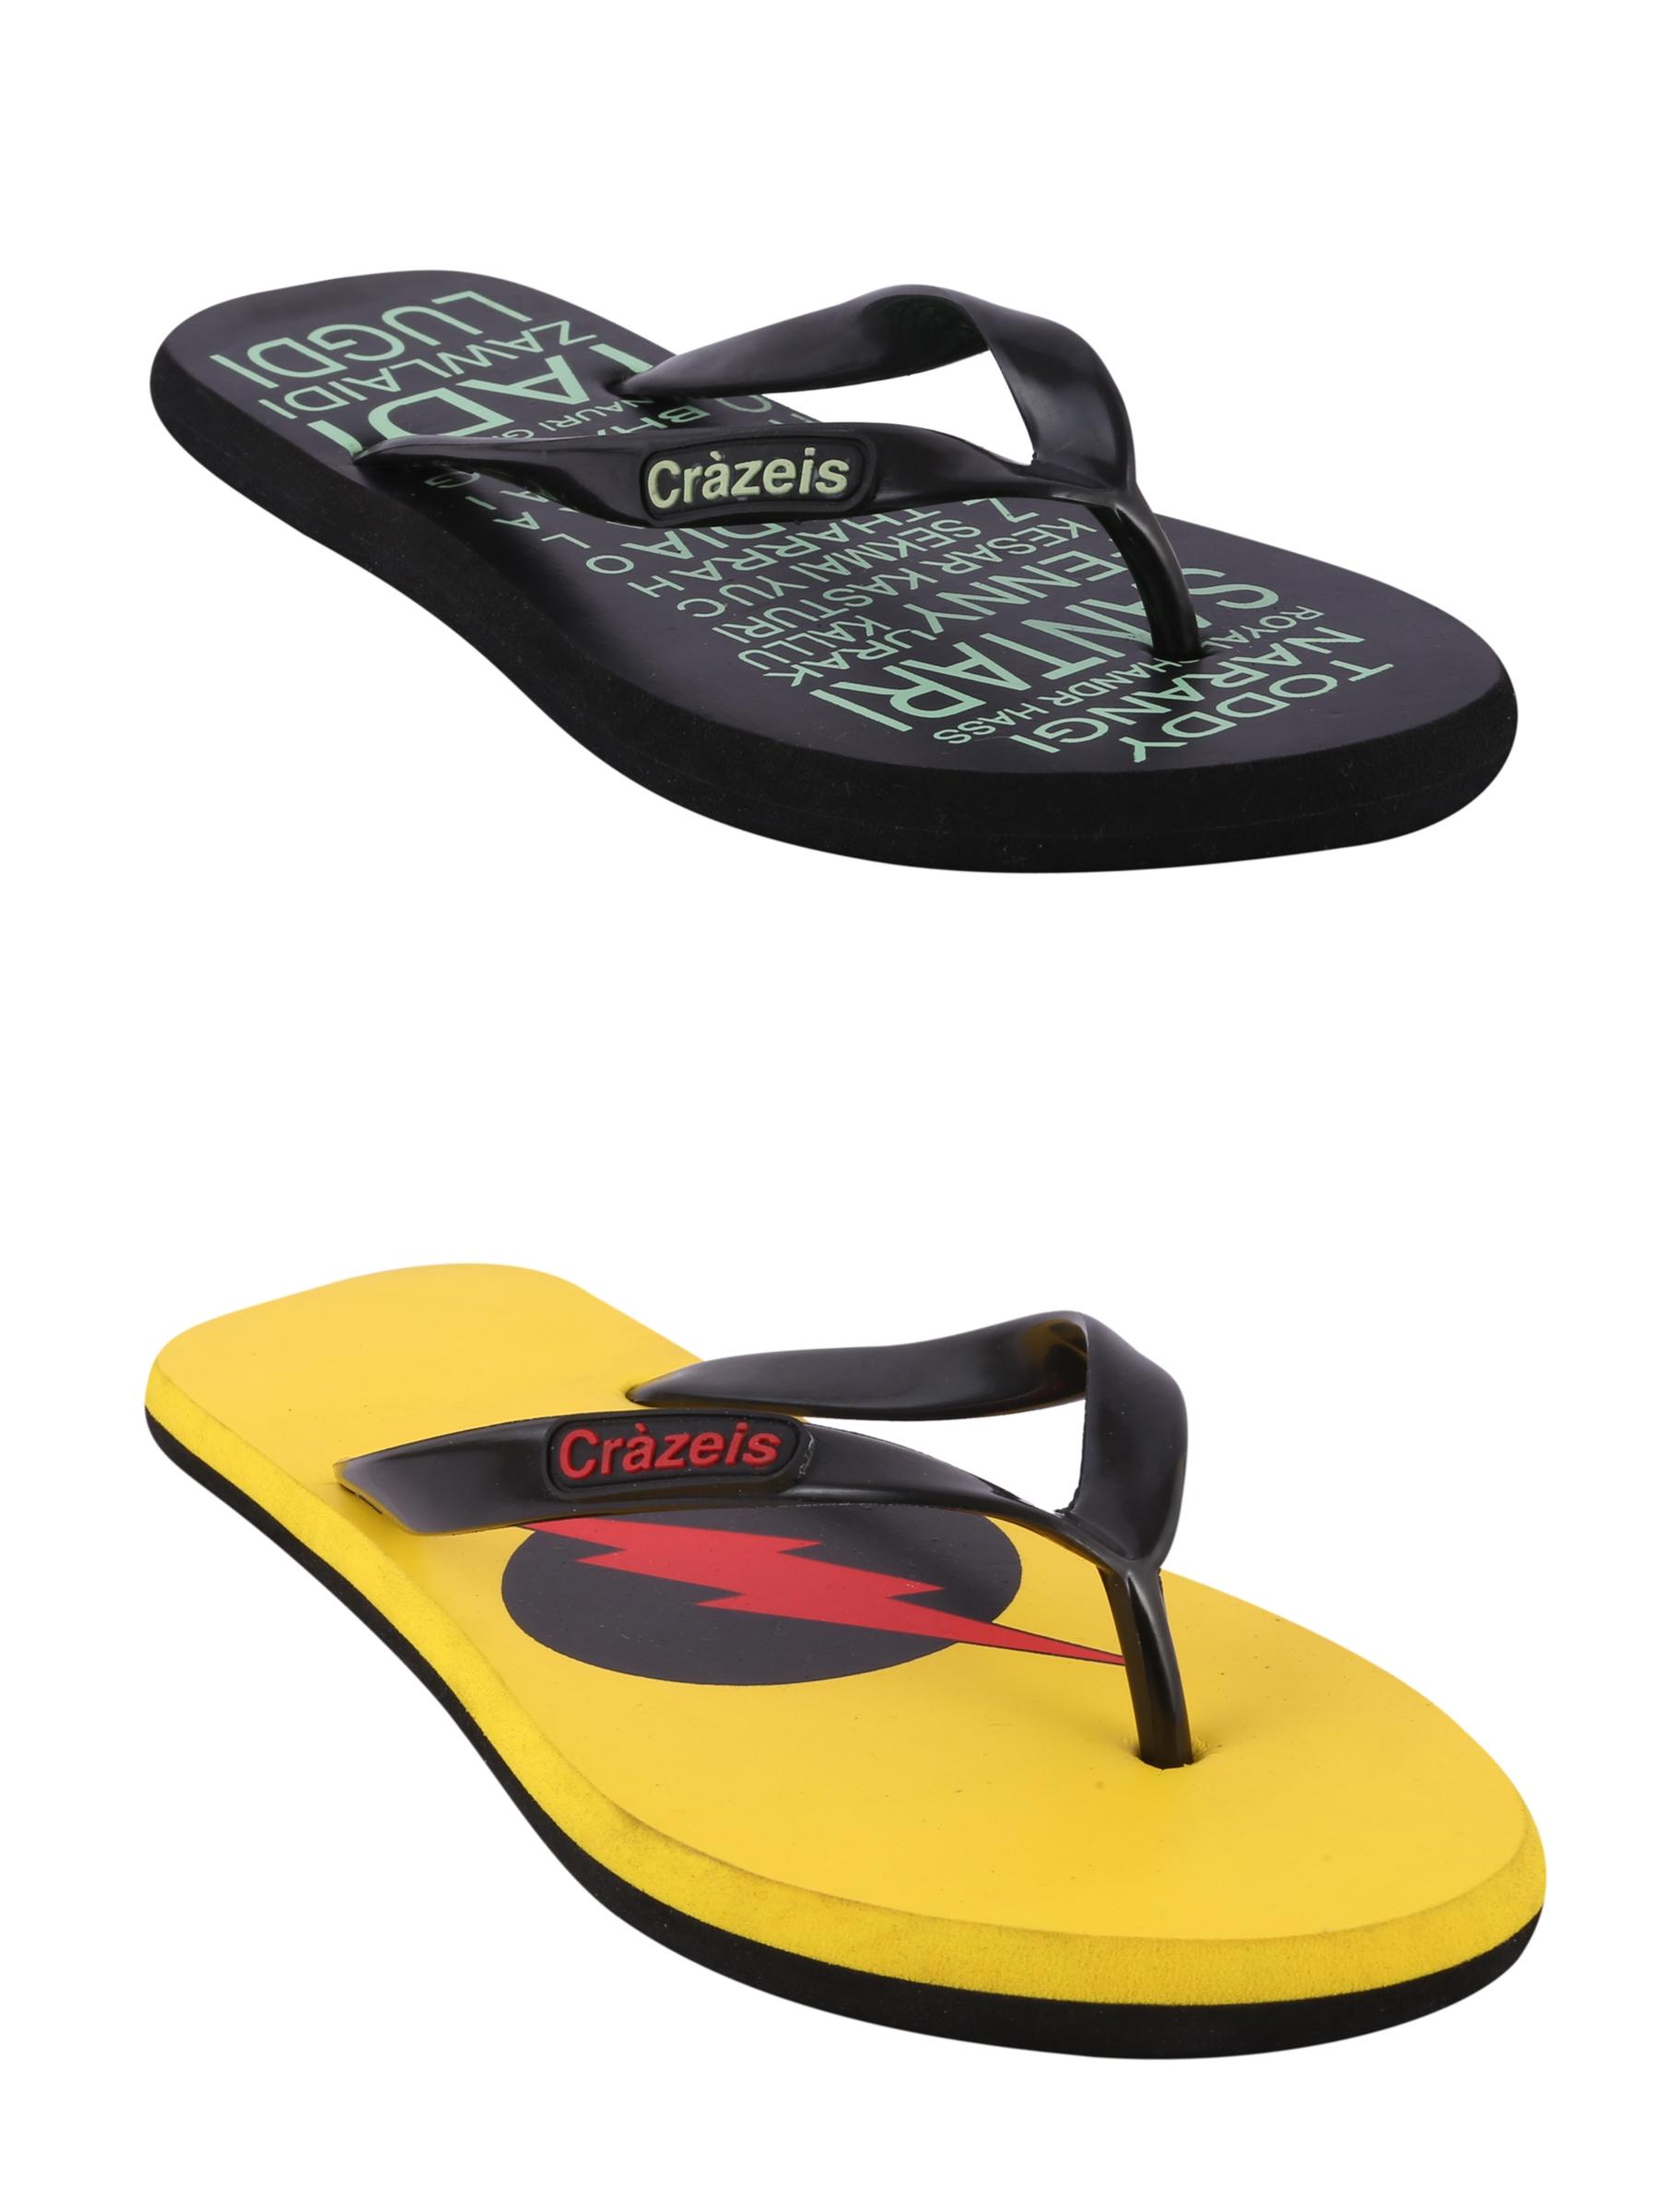 crazeis2 Crazeis Flip-flops Pack Of 2 For Men-027